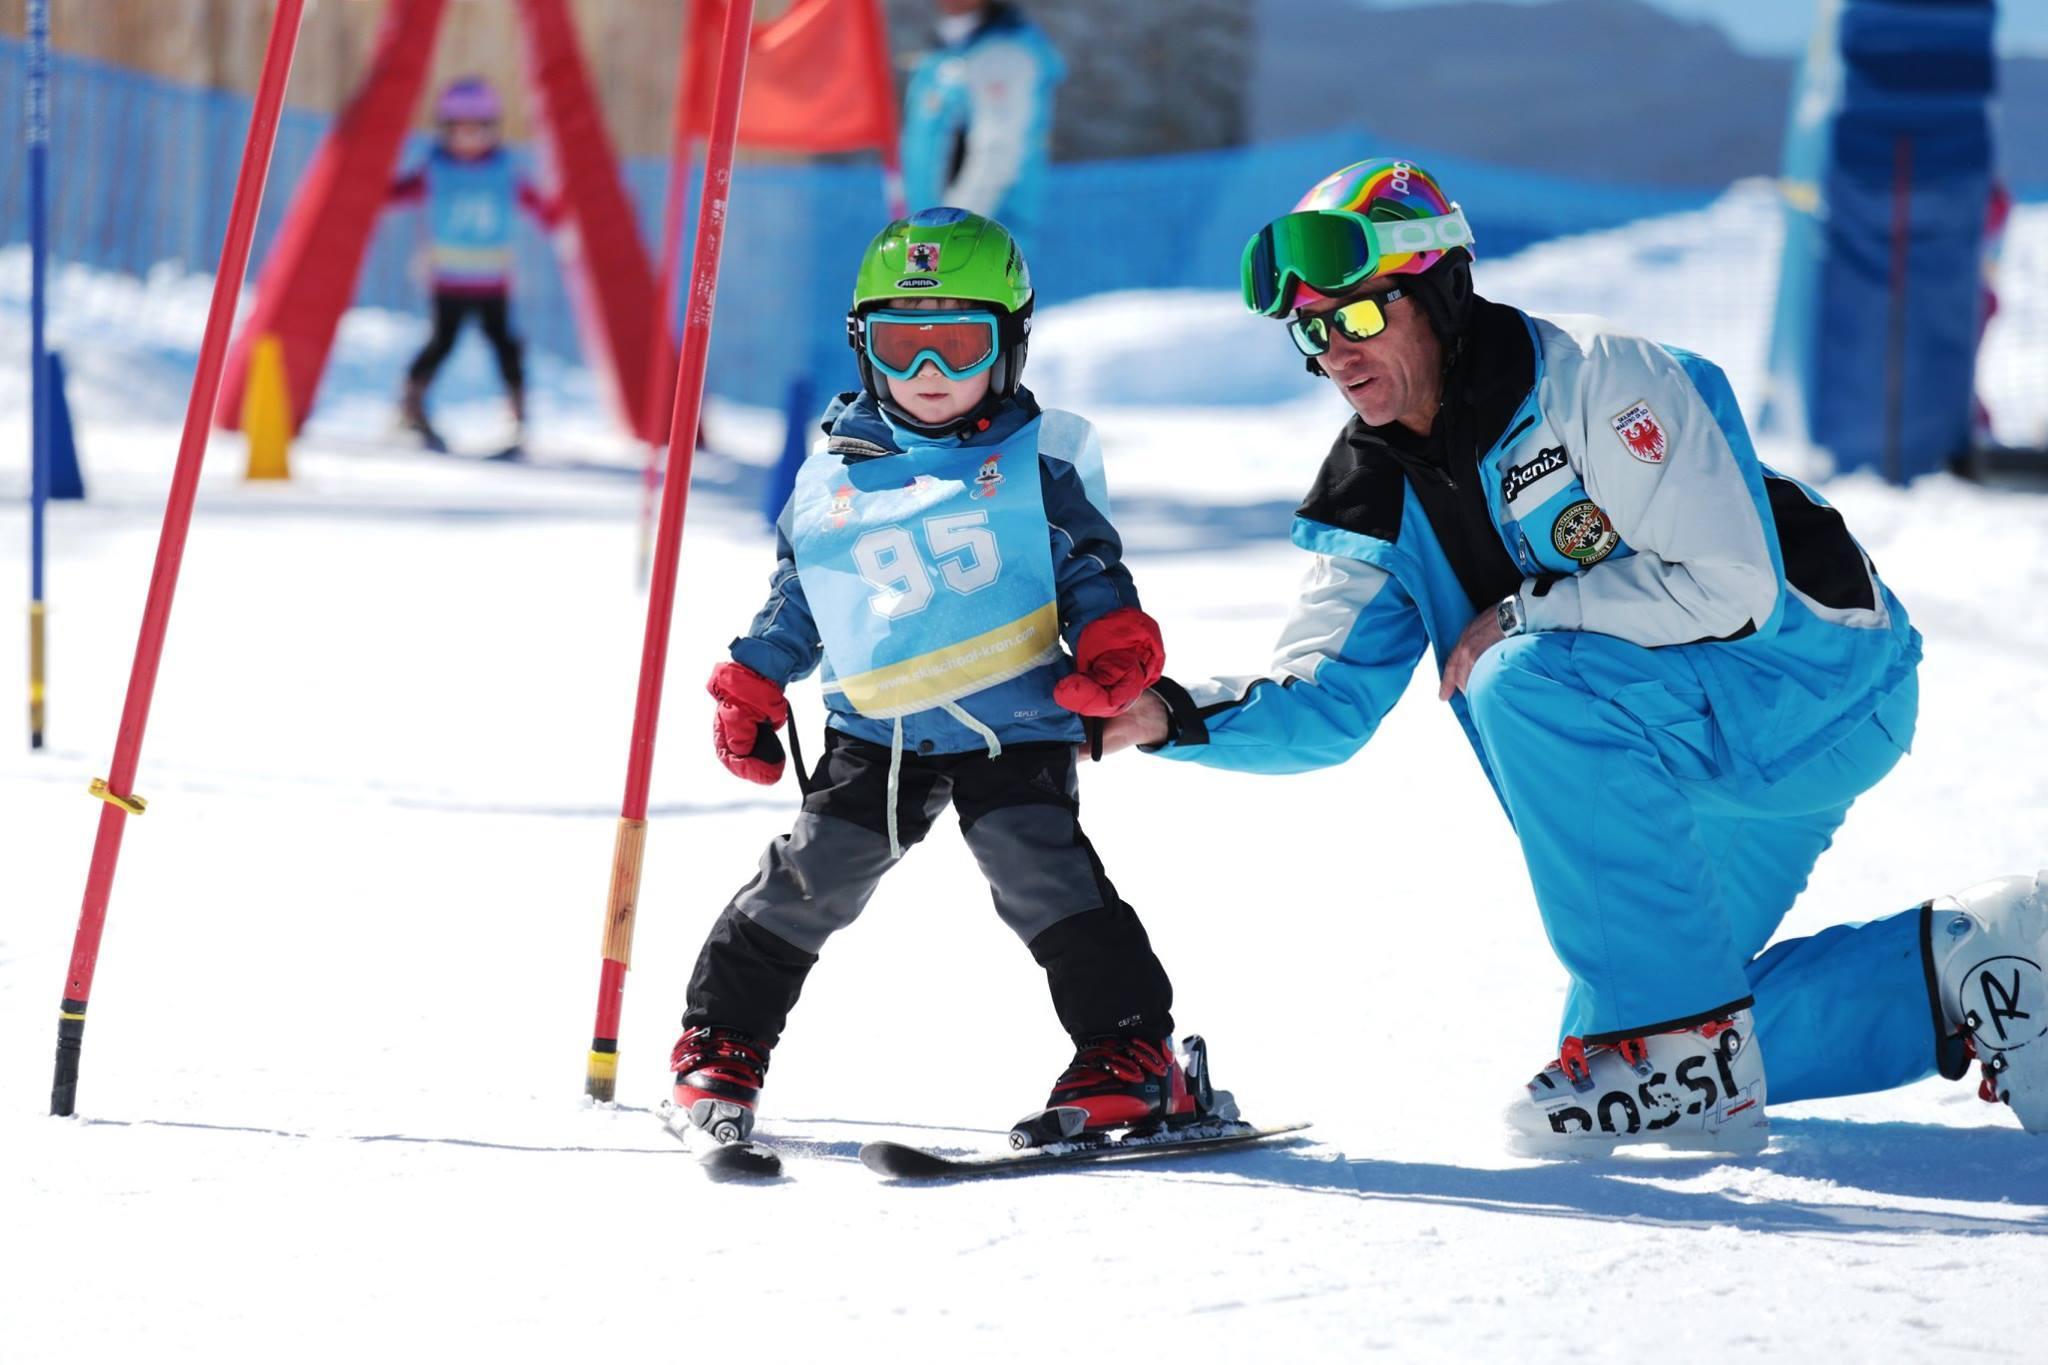 Skilessen voor kinderen vanaf 2 jaar - licht gevorderd